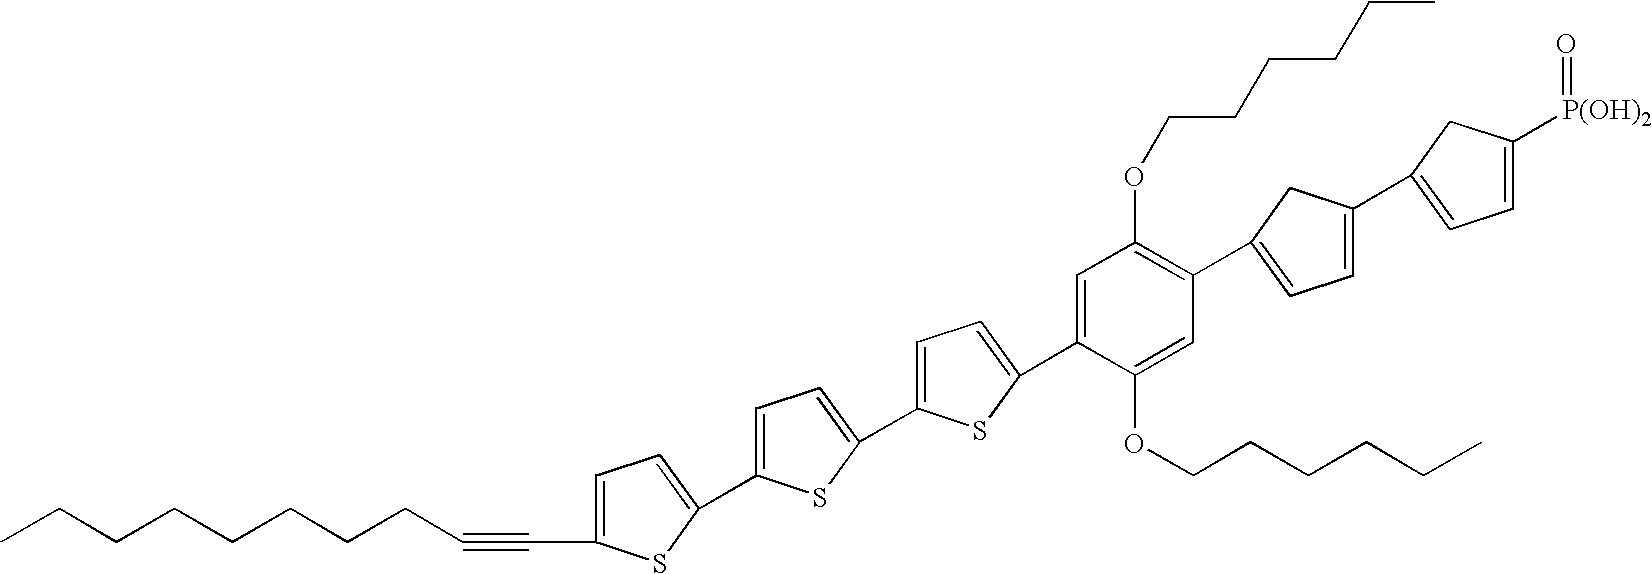 Figure US20040178390A1-20040916-C00047